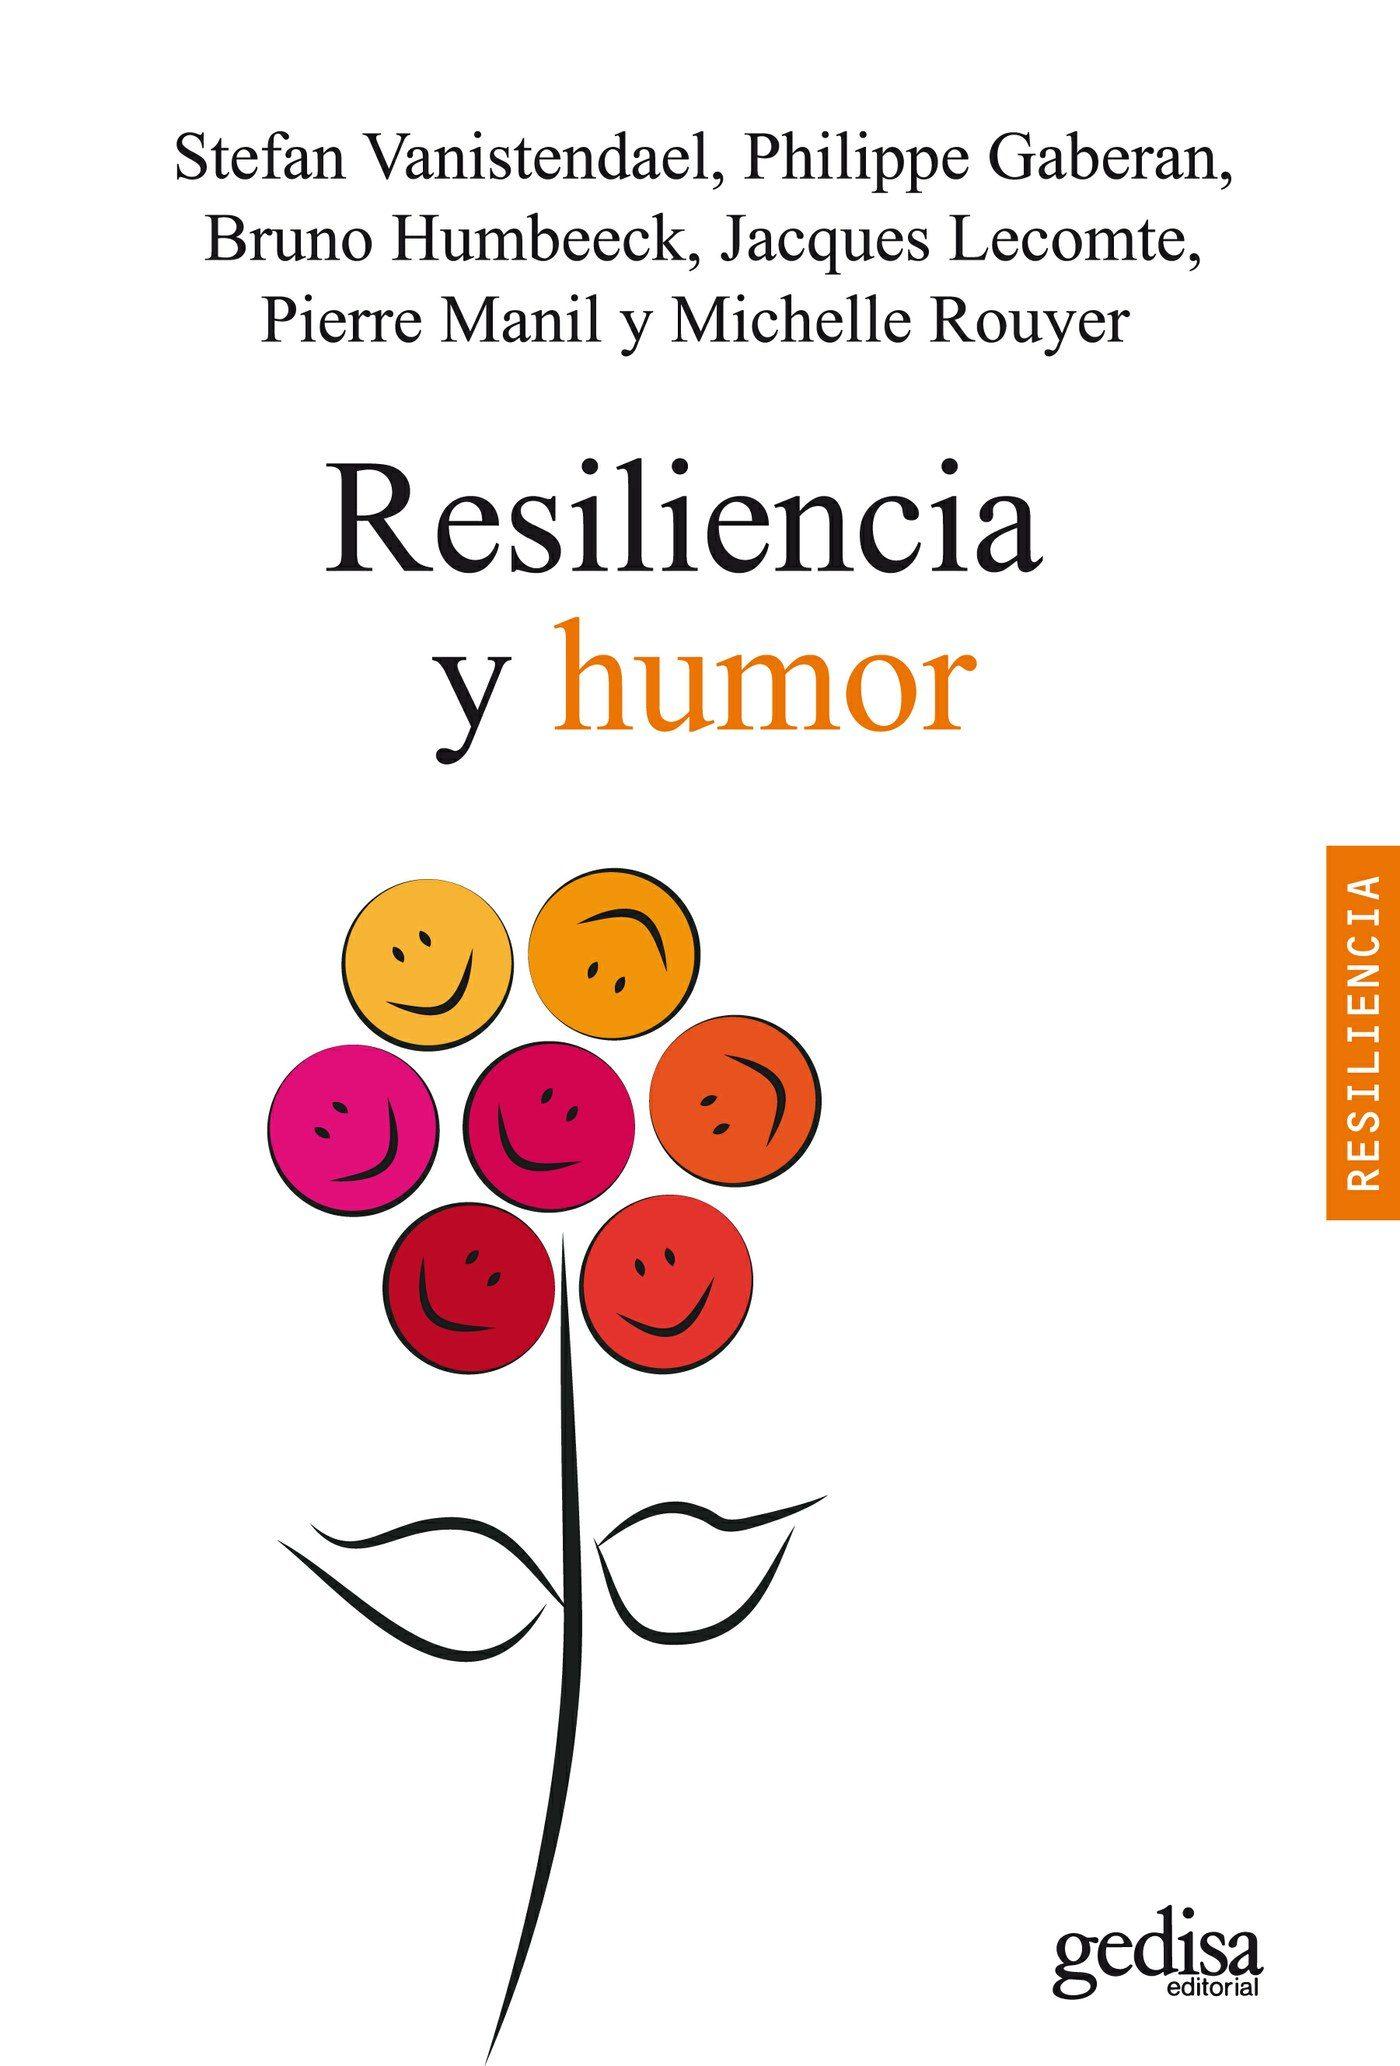 Resiliencia Y Humor (ebook) · Ebooks · El Corte Inglés 7f42f0b65e2c